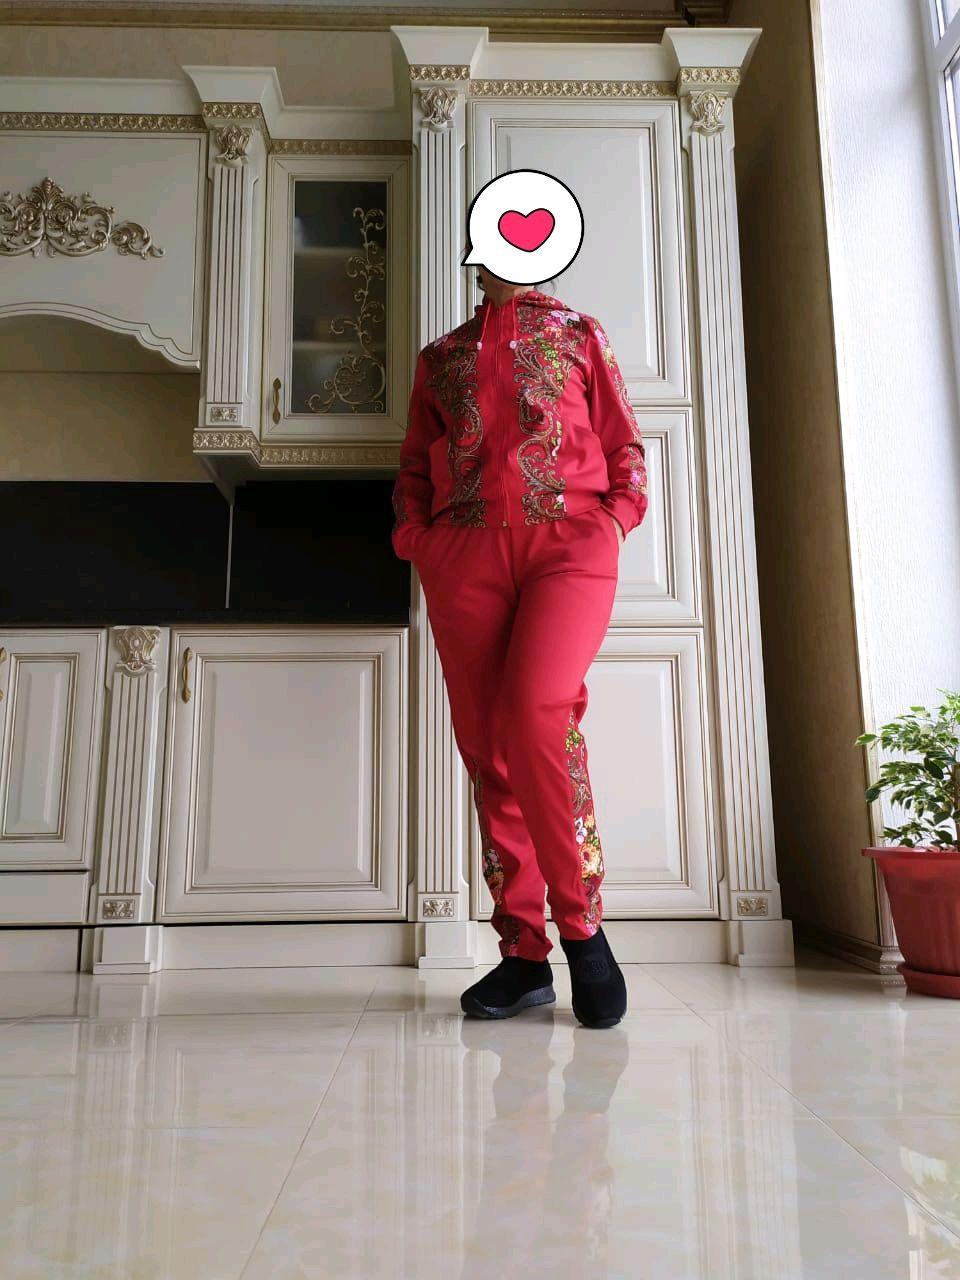 Спортивный костюм, Костюмы, Нальчик,  Фото №1